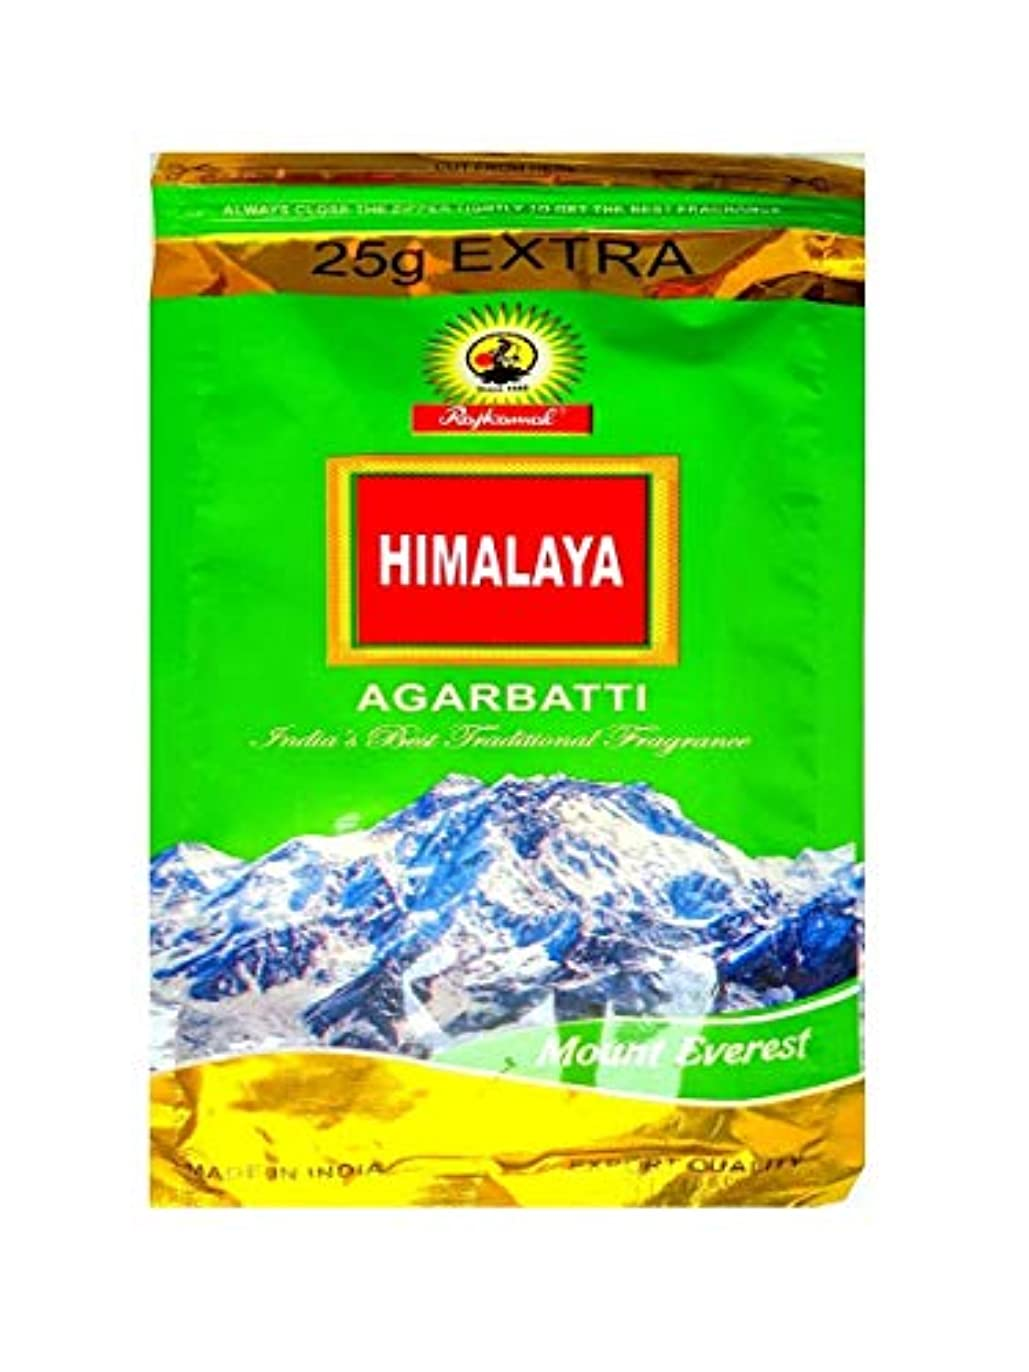 予約ドループ雇ったGift Of Forest Himalaya Mount Everest Agarbatti Pack of 450 gm